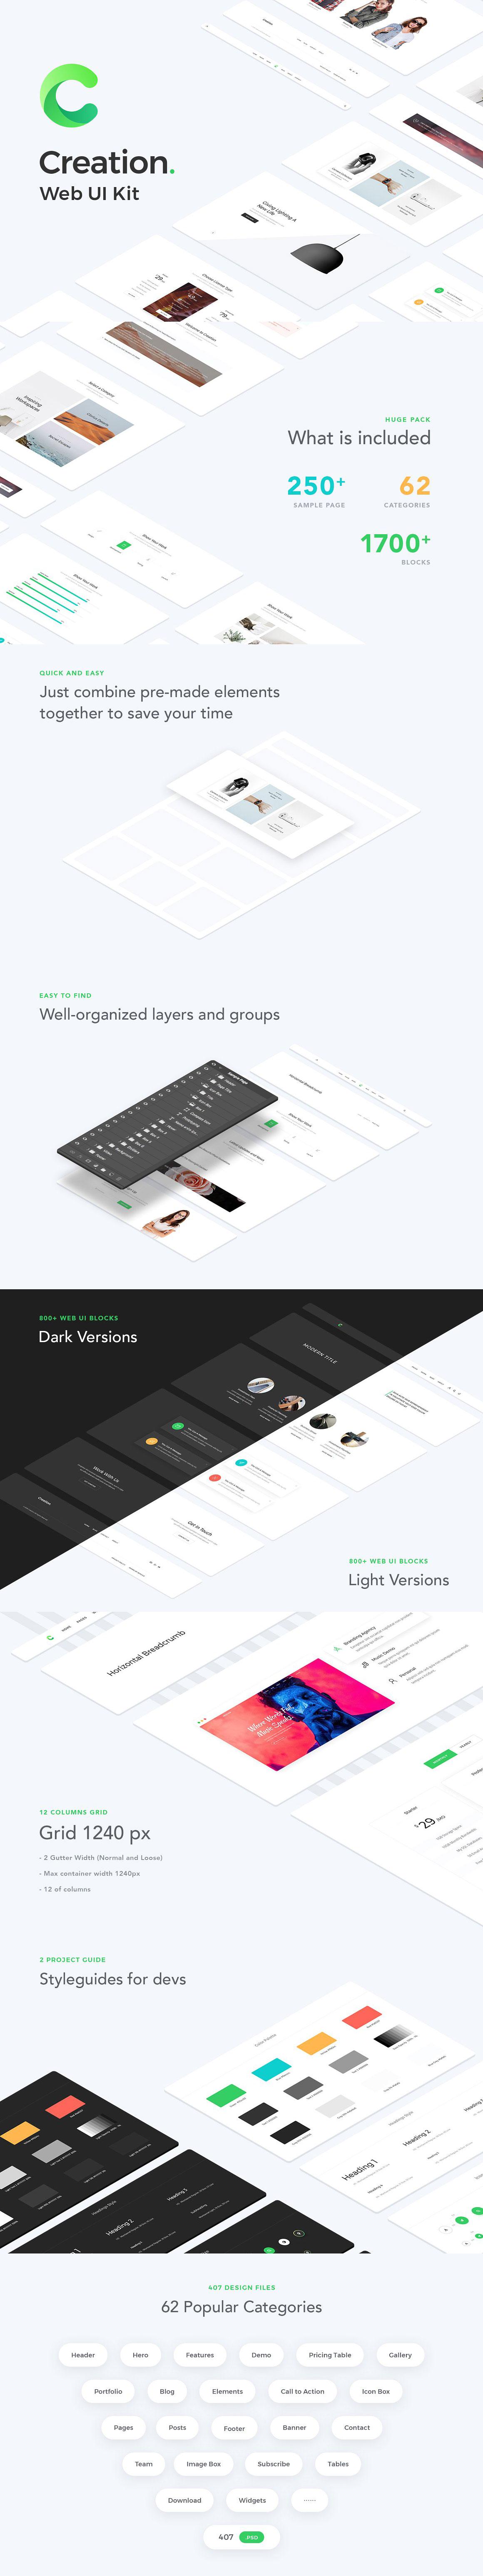 完美的UI设计创意必备的套装kits下载[PSD]